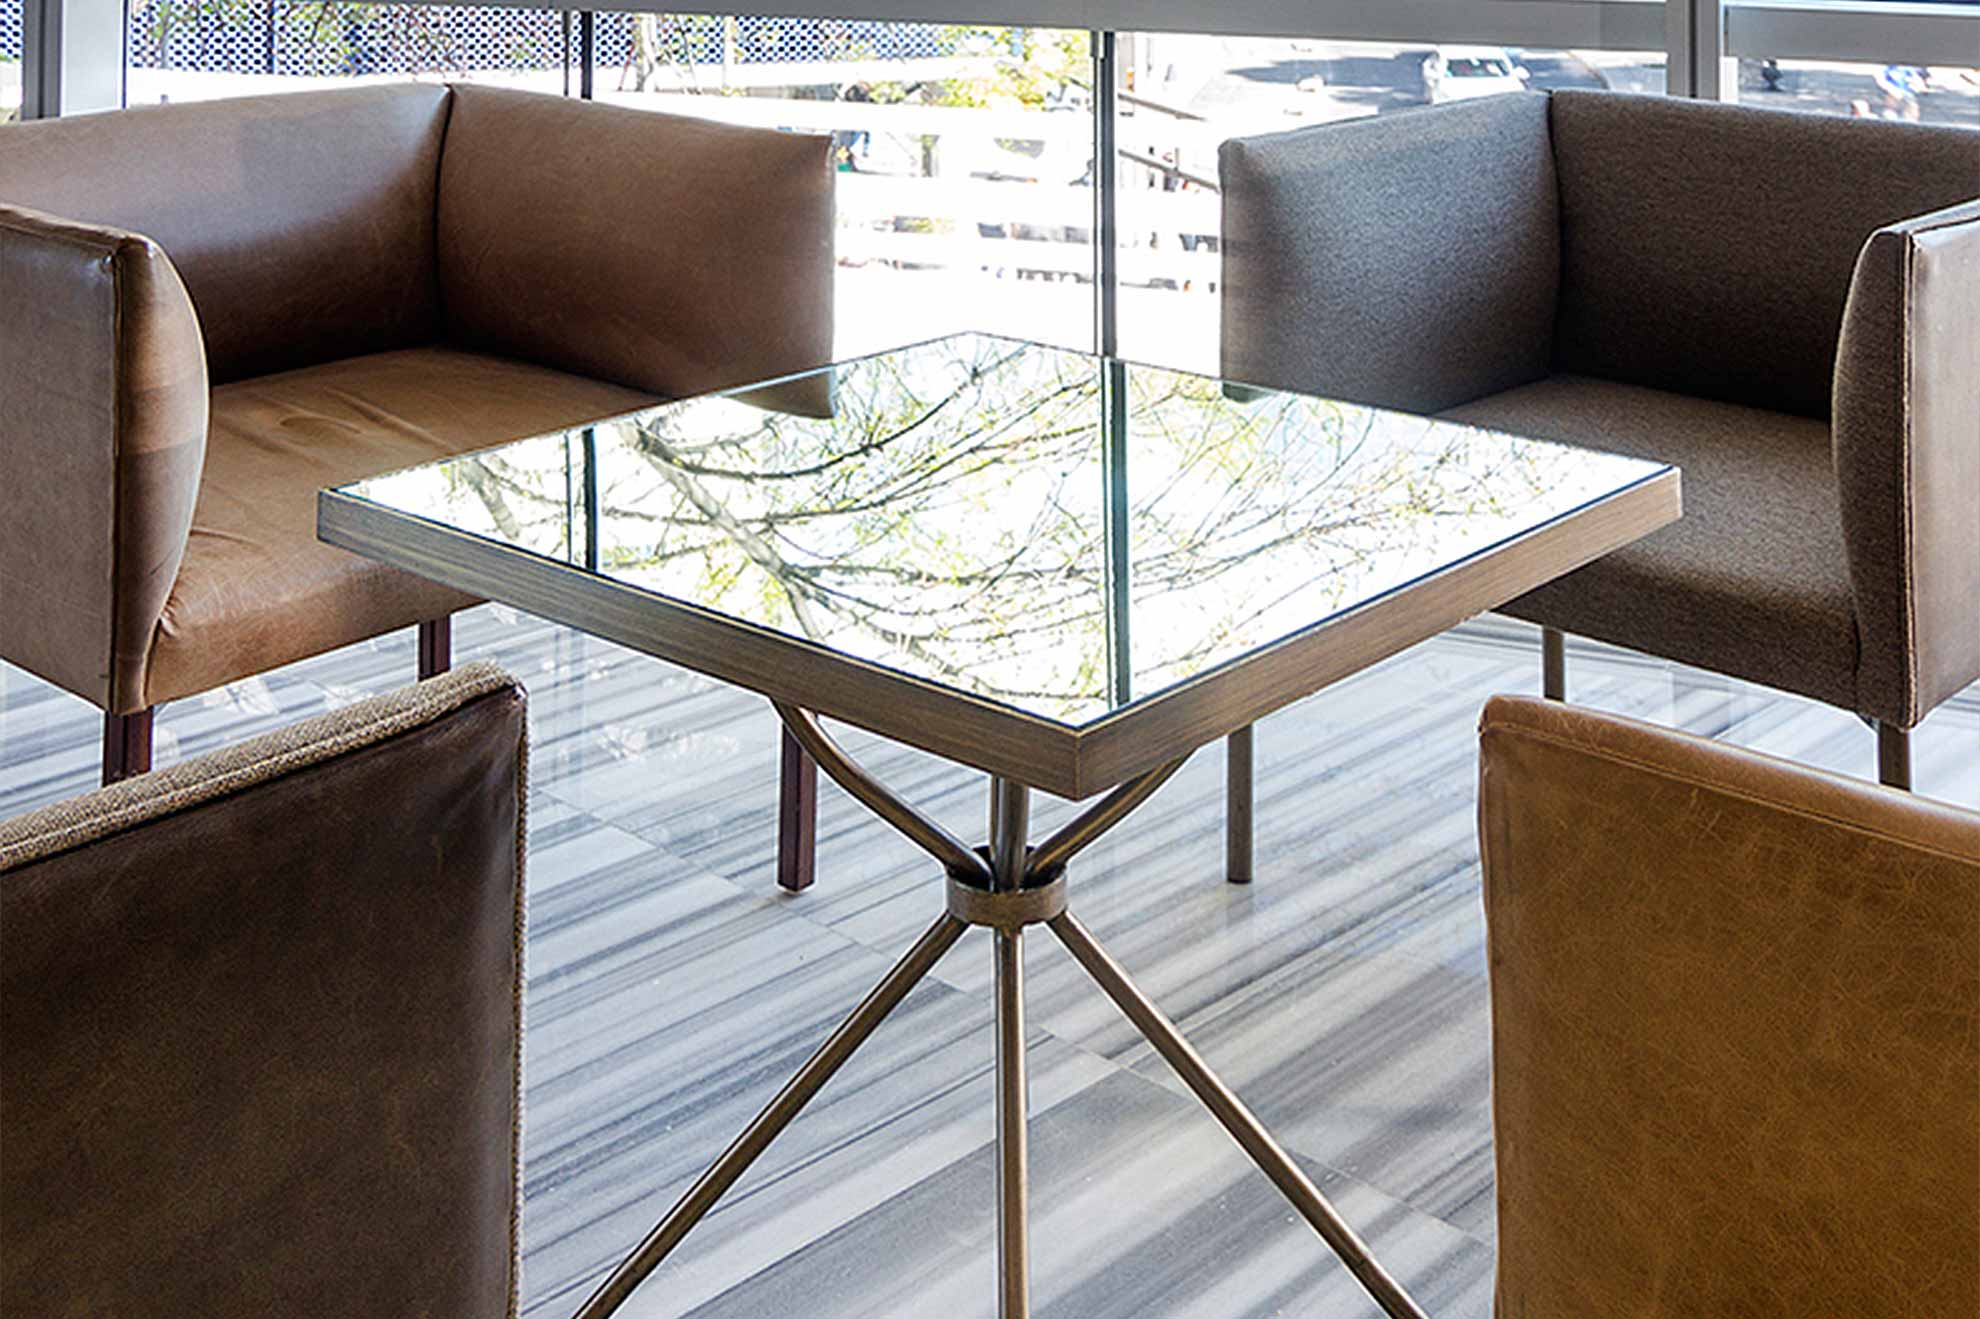 Sillones cubo creados con cuero vermont y tela salt, color beige y gris oxford, mesa espejo con espejo avejentado y acabados en bronce cepillado.